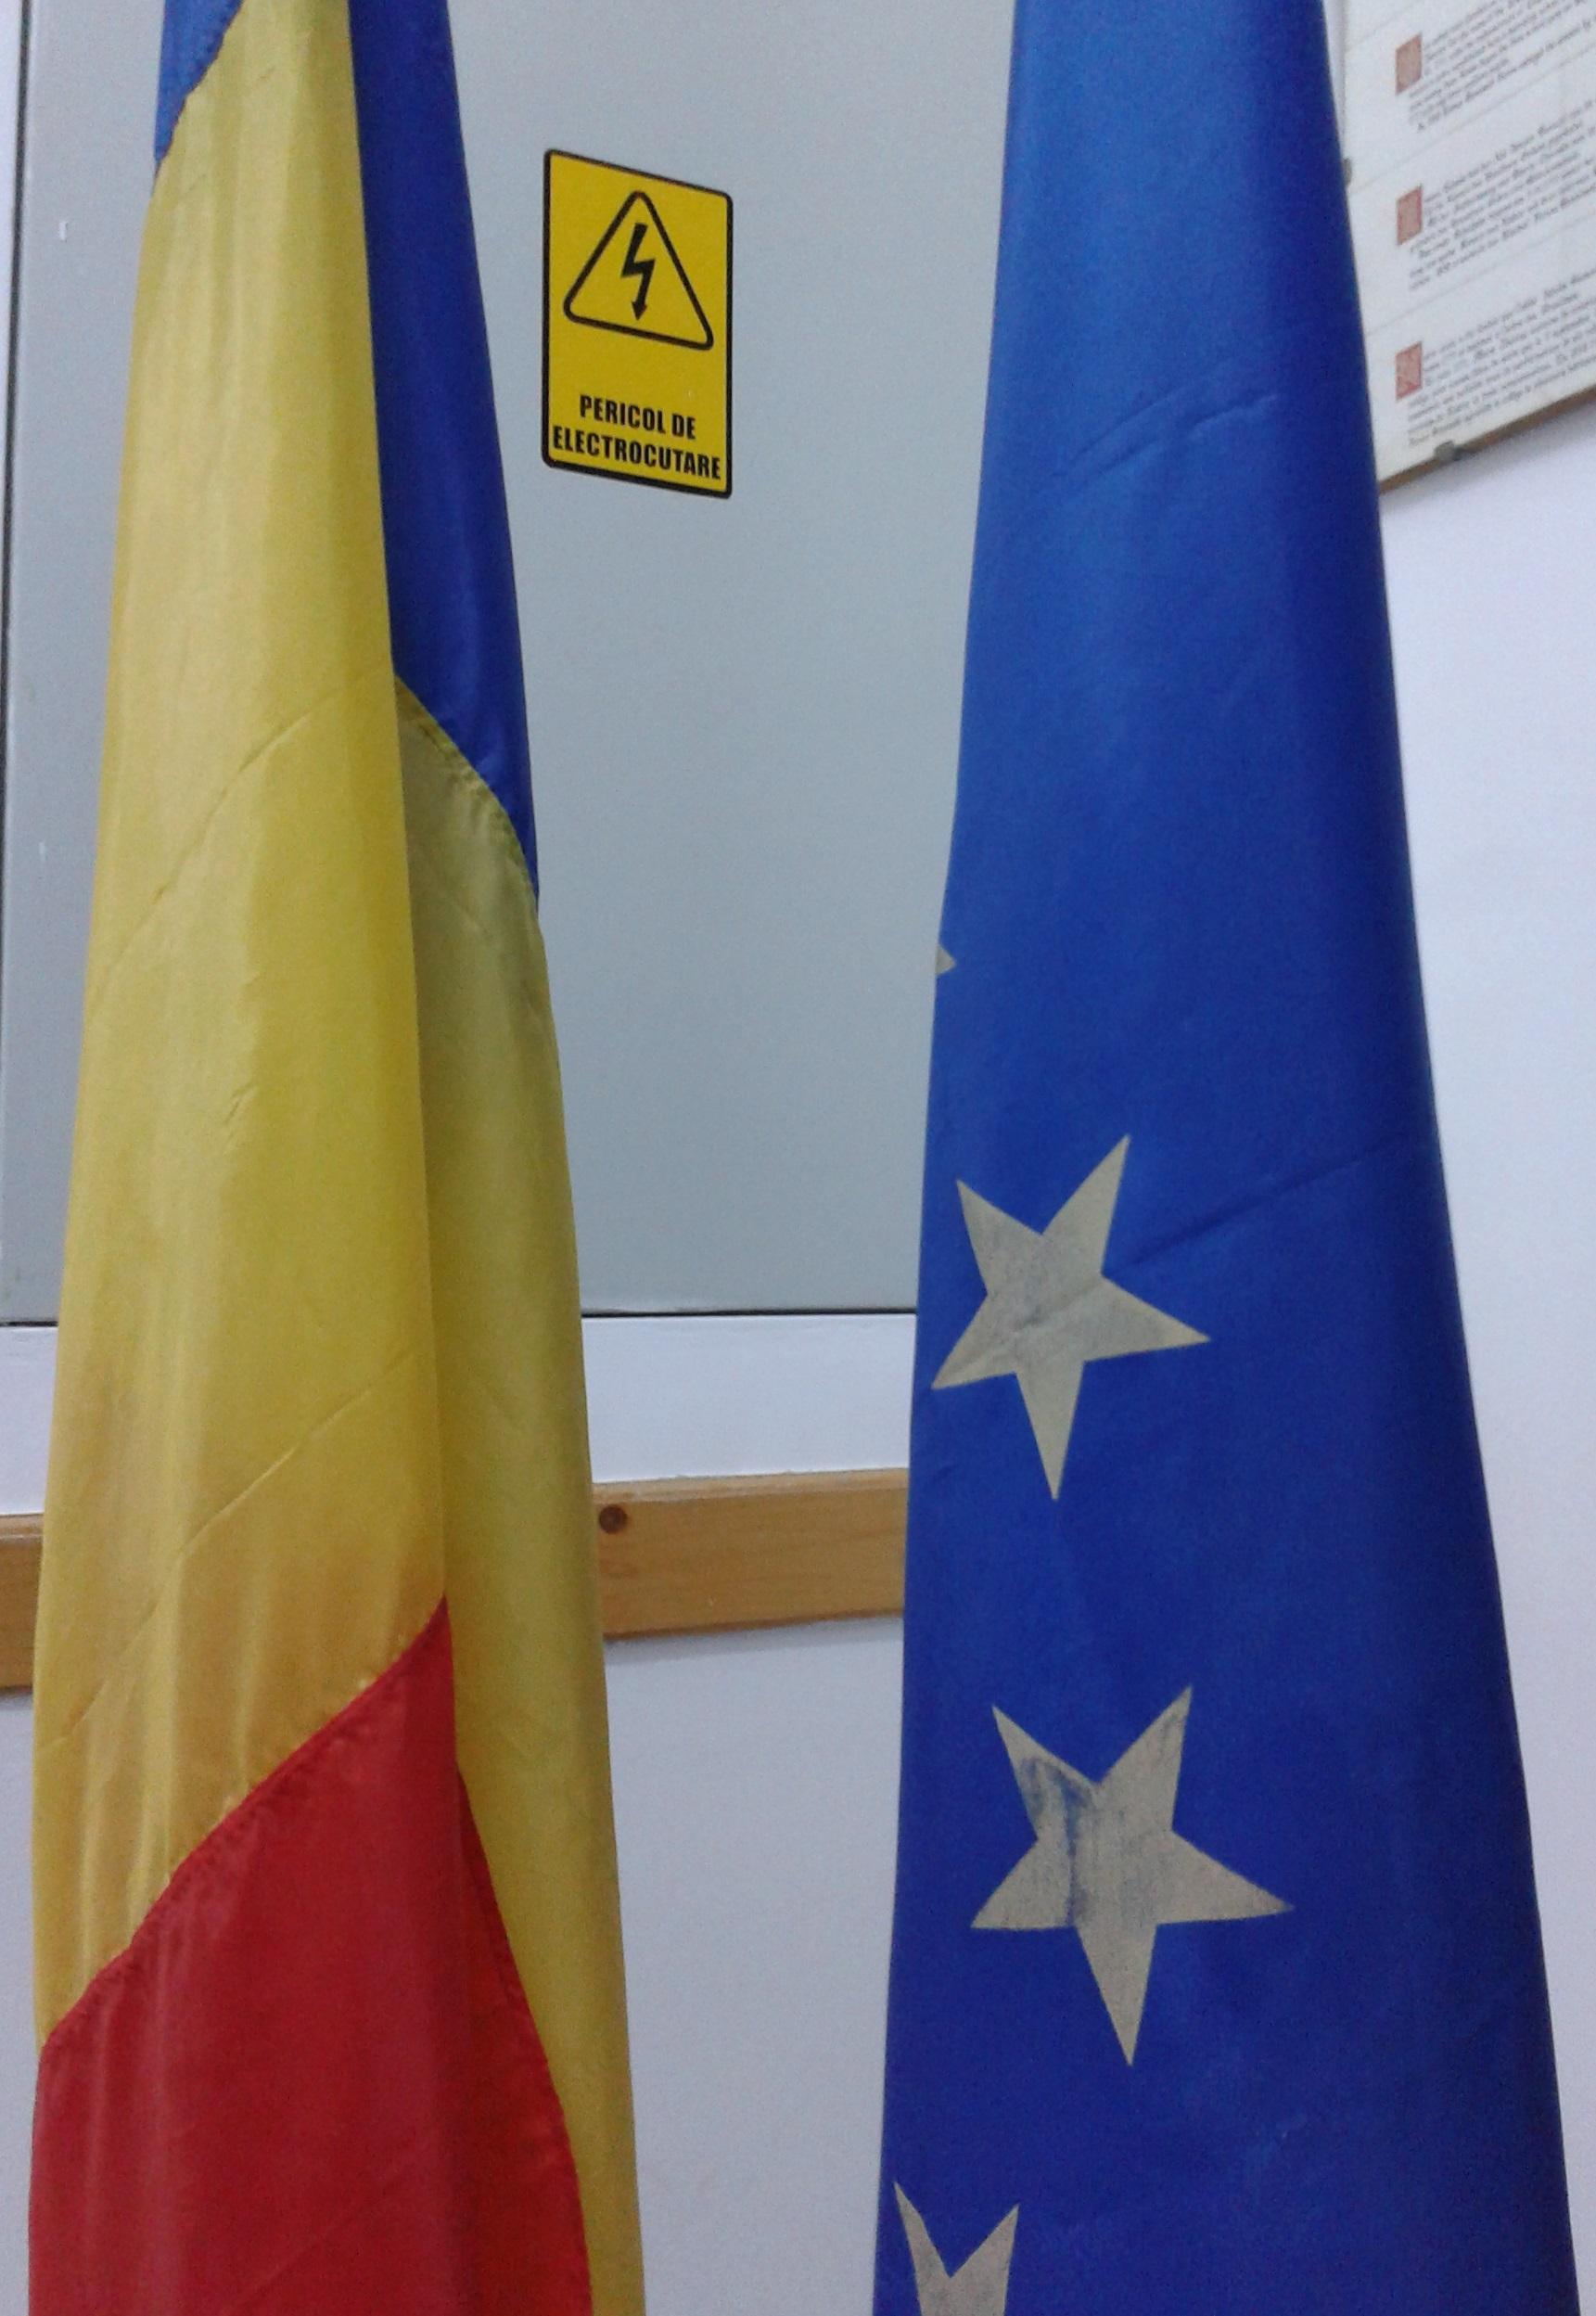 'Áramütés-veszély' - igen, és minden zászló kiveri a biztosítékot is valamilyen csoportnál.